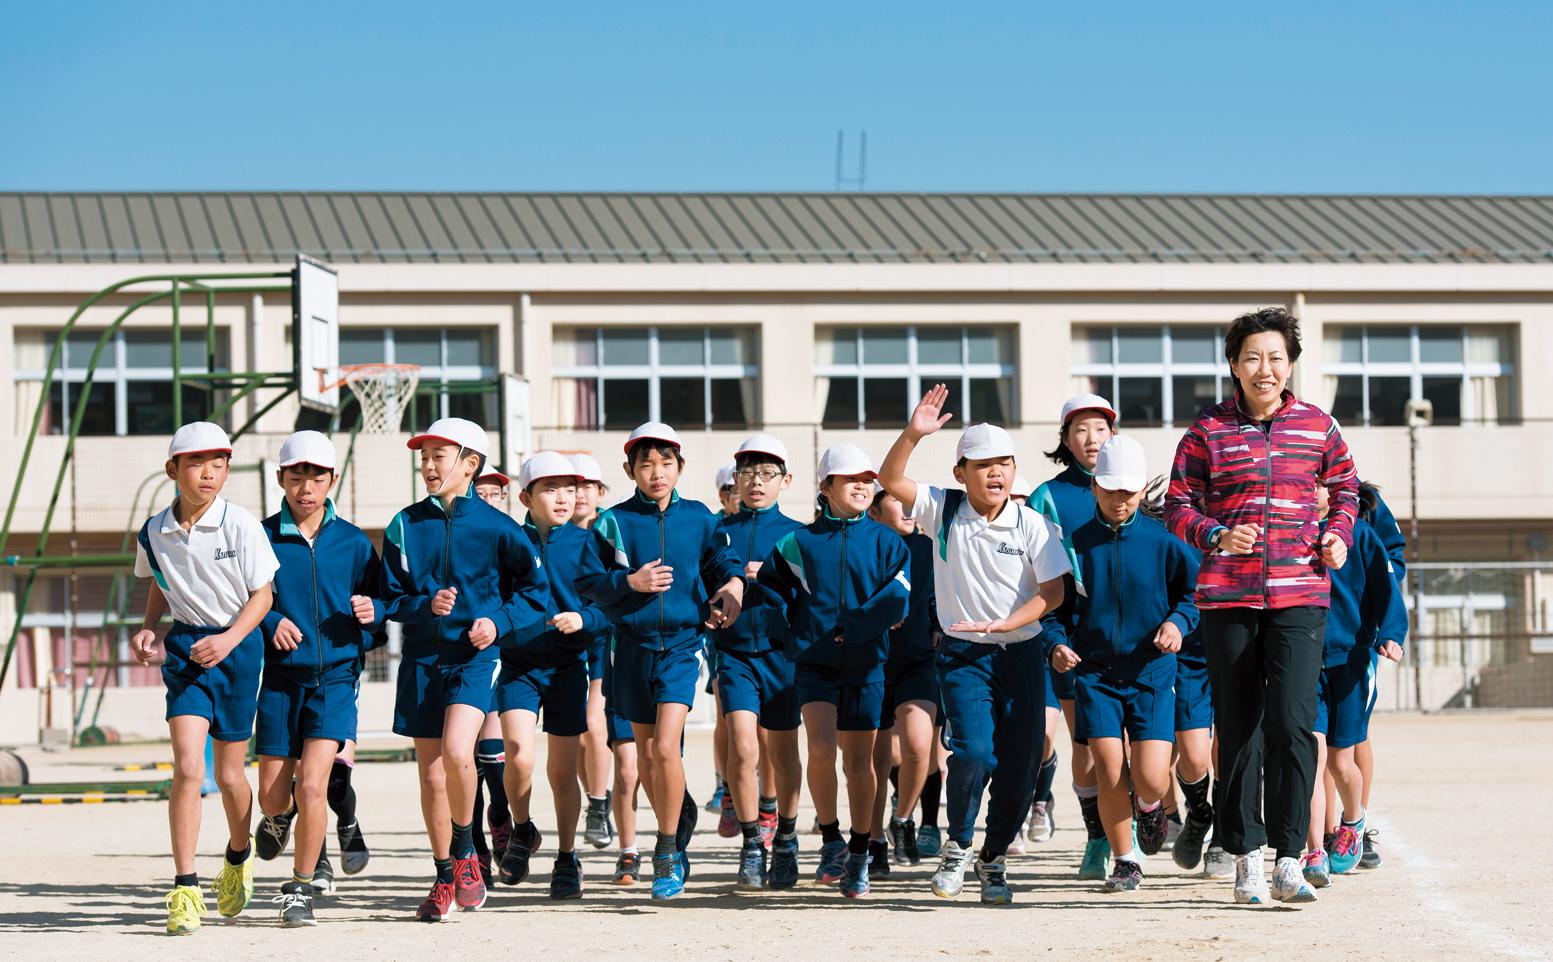 【だれでもできる!】中村友梨香さんの持久走 楽に長く走れる練習のコツ